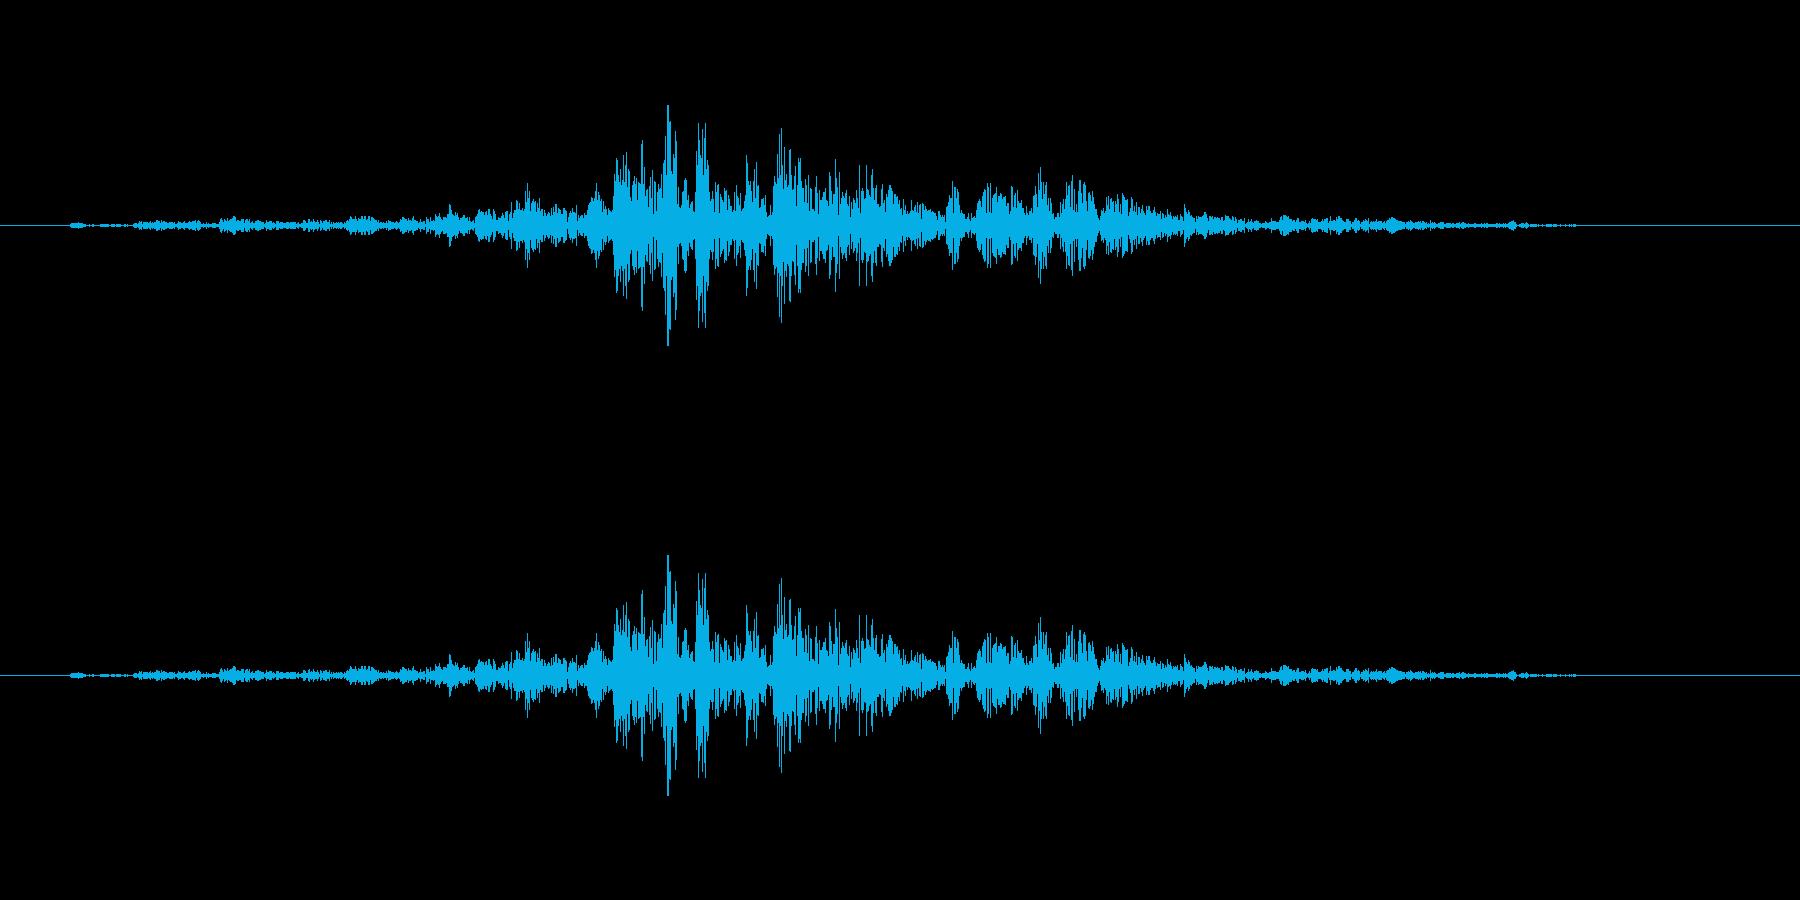 ブクブク(水の中、泡の音)の再生済みの波形